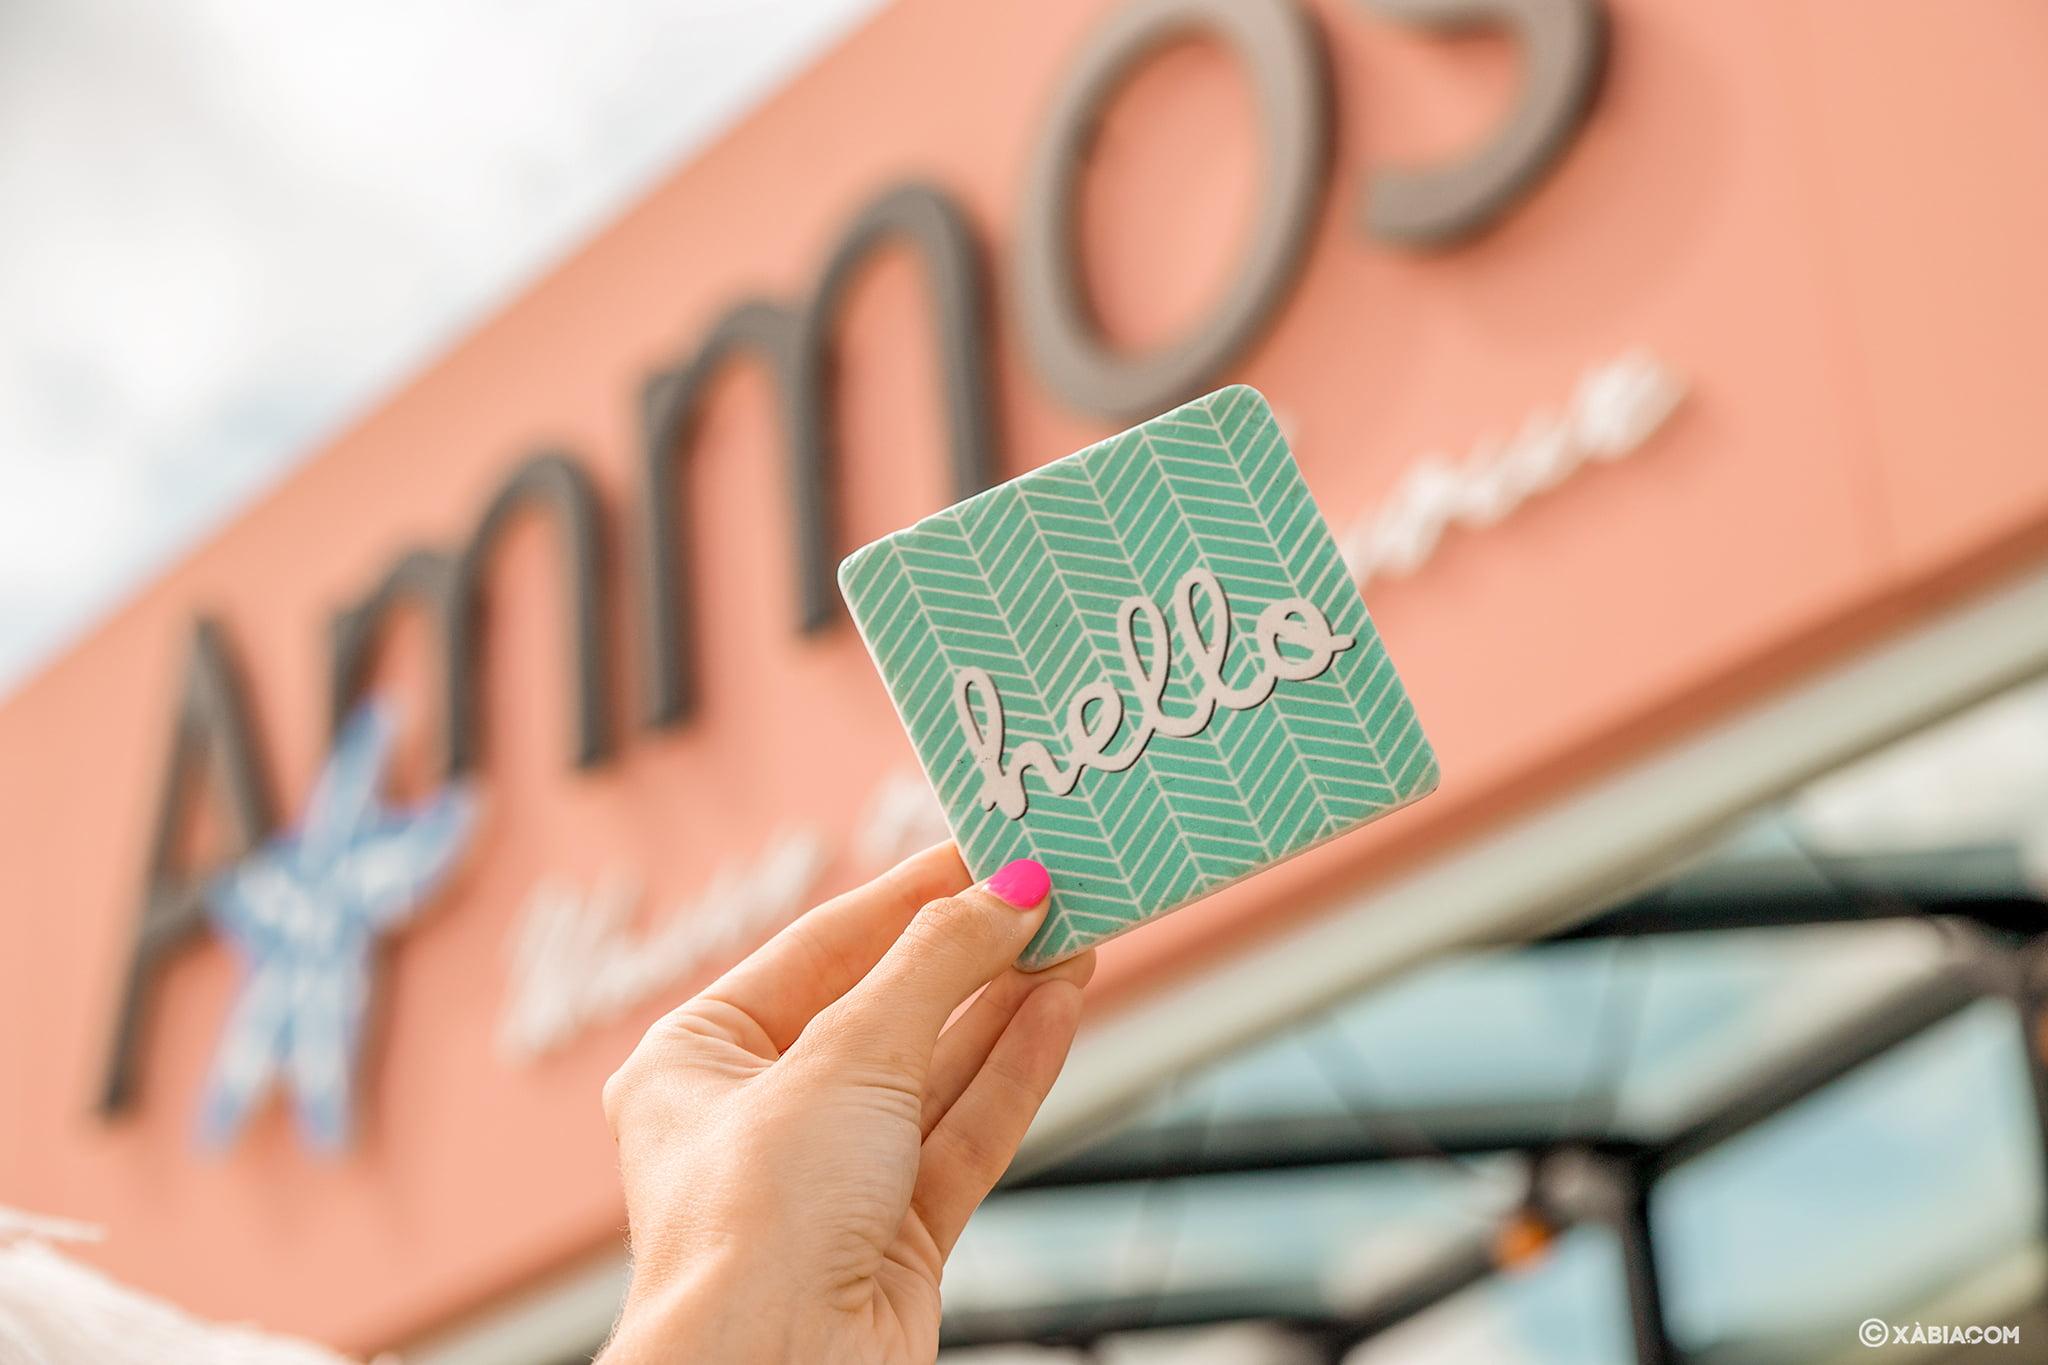 Restaurante Ammos dice «Hola» y se convierte en franquicia